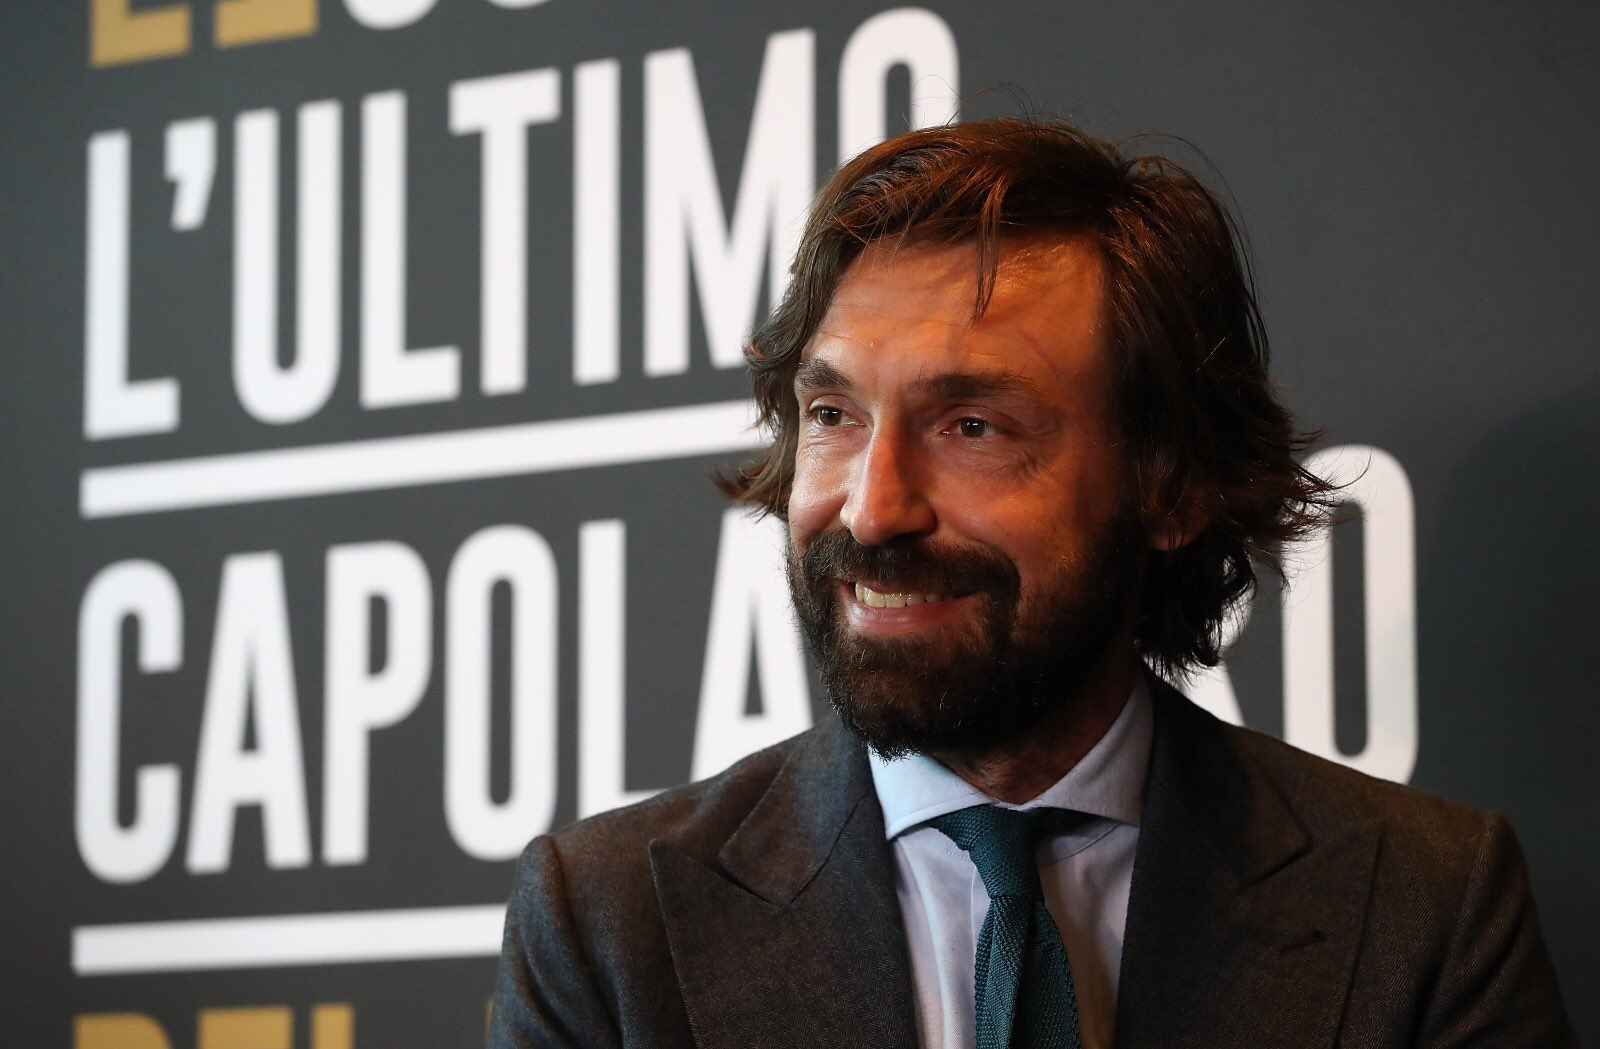 El ex jugador italiano asume un nuevo reto profesional